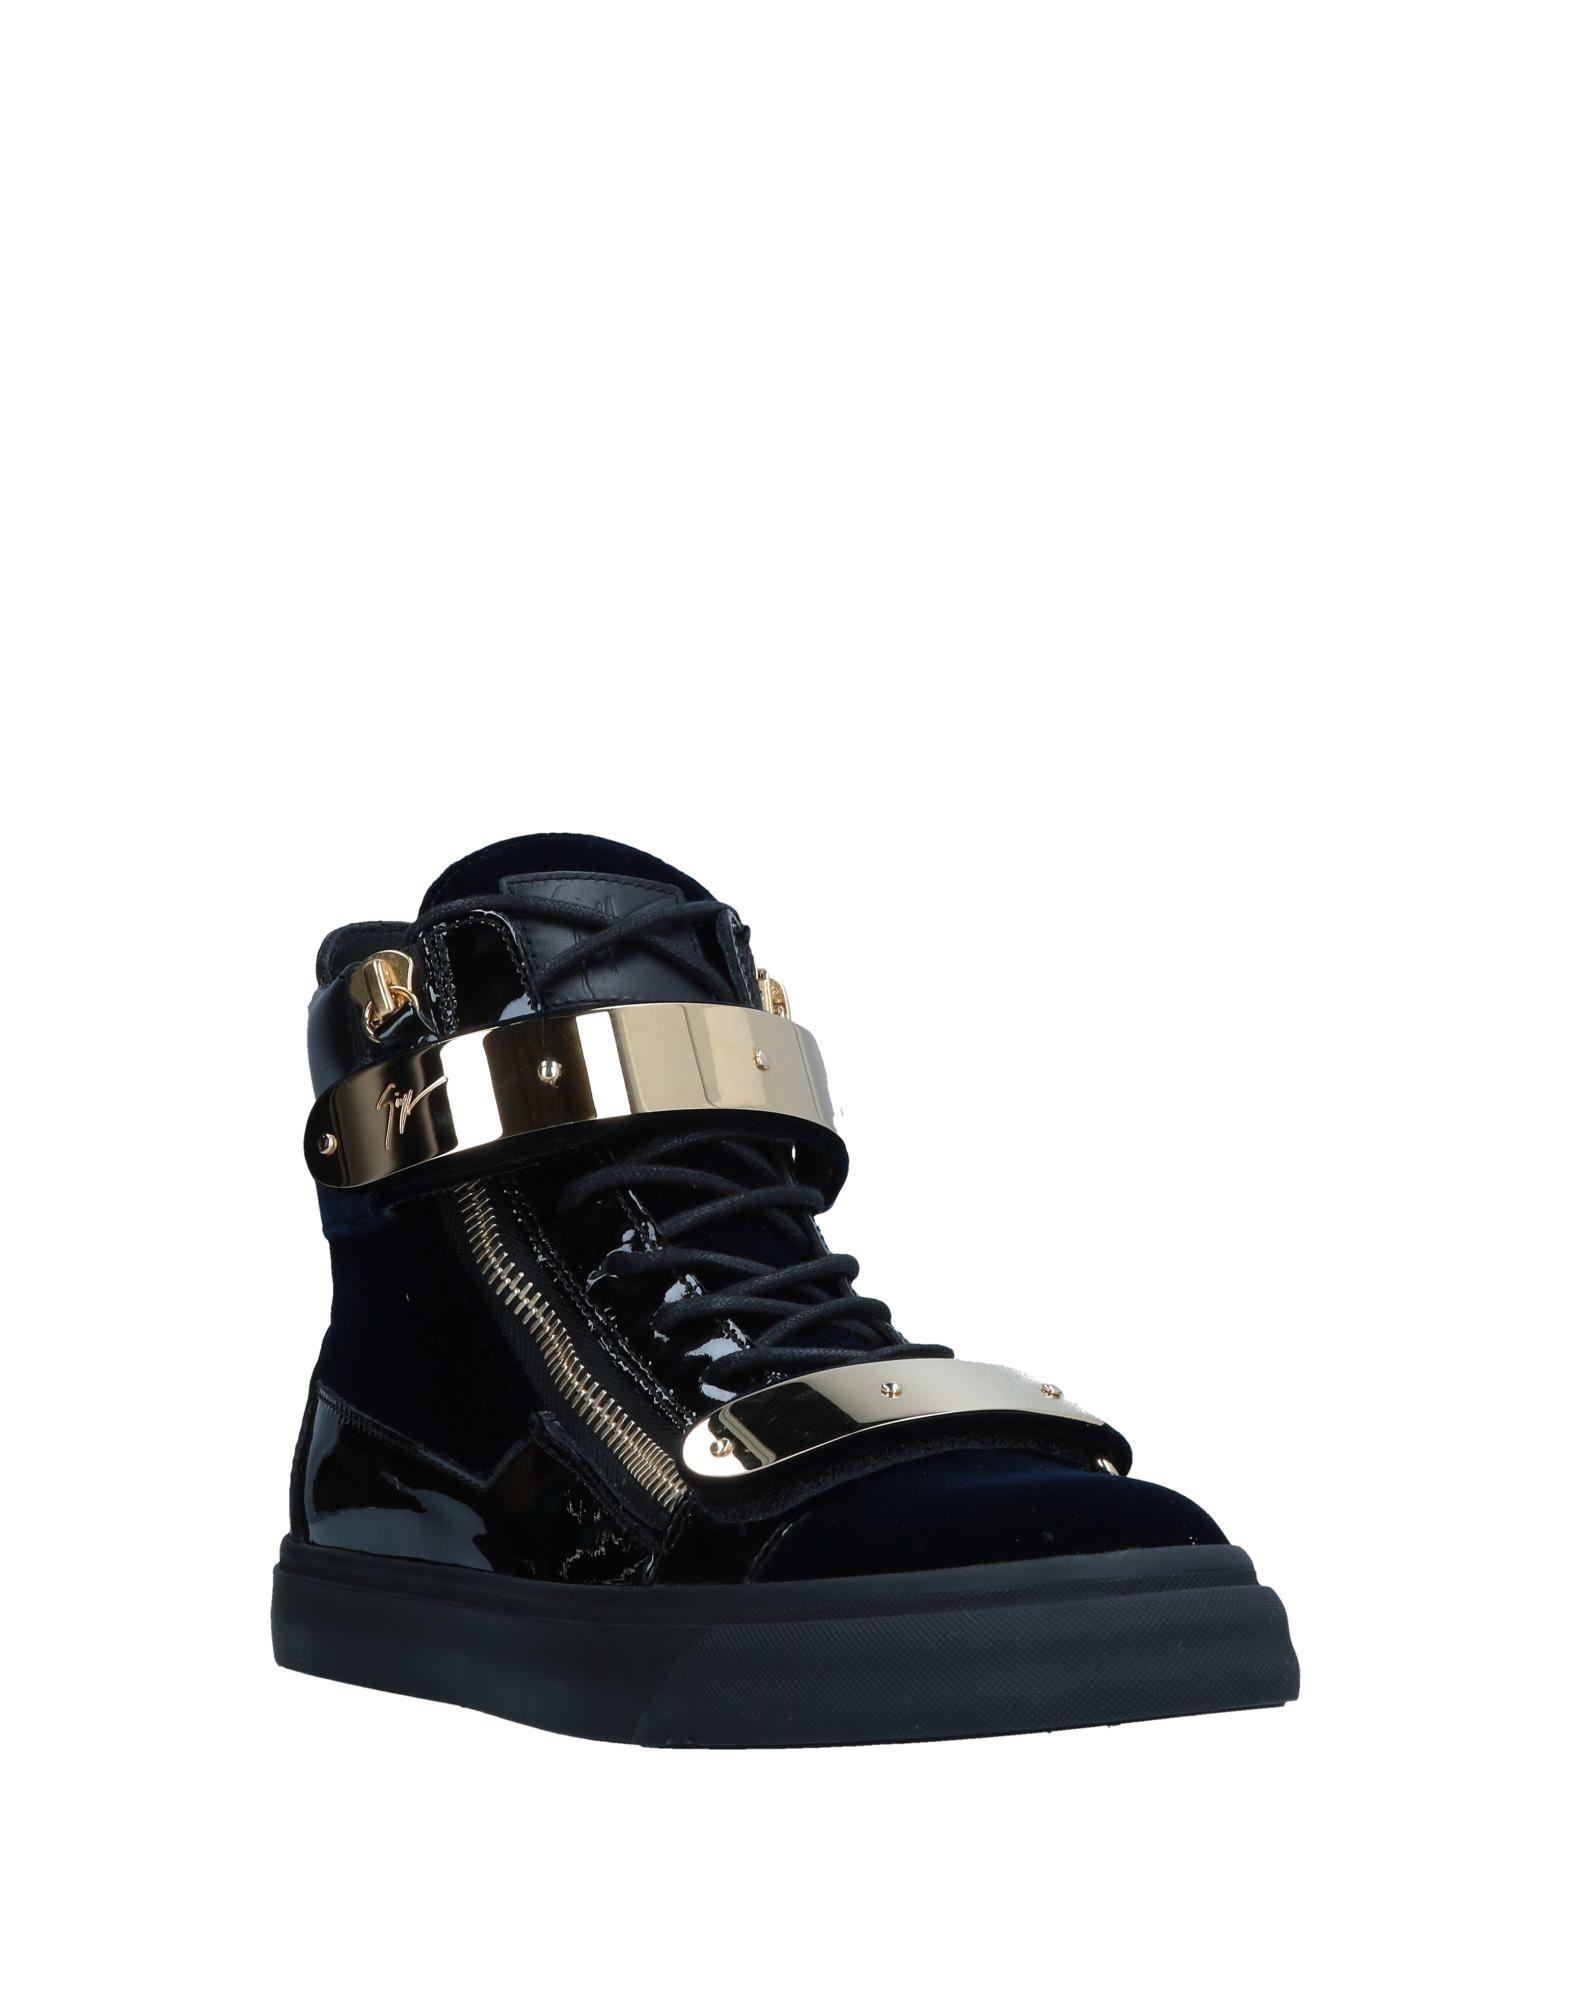 Giuseppe Zanotti Sneakers Herren  11544531JV Schuhe Neue Schuhe 11544531JV 853925